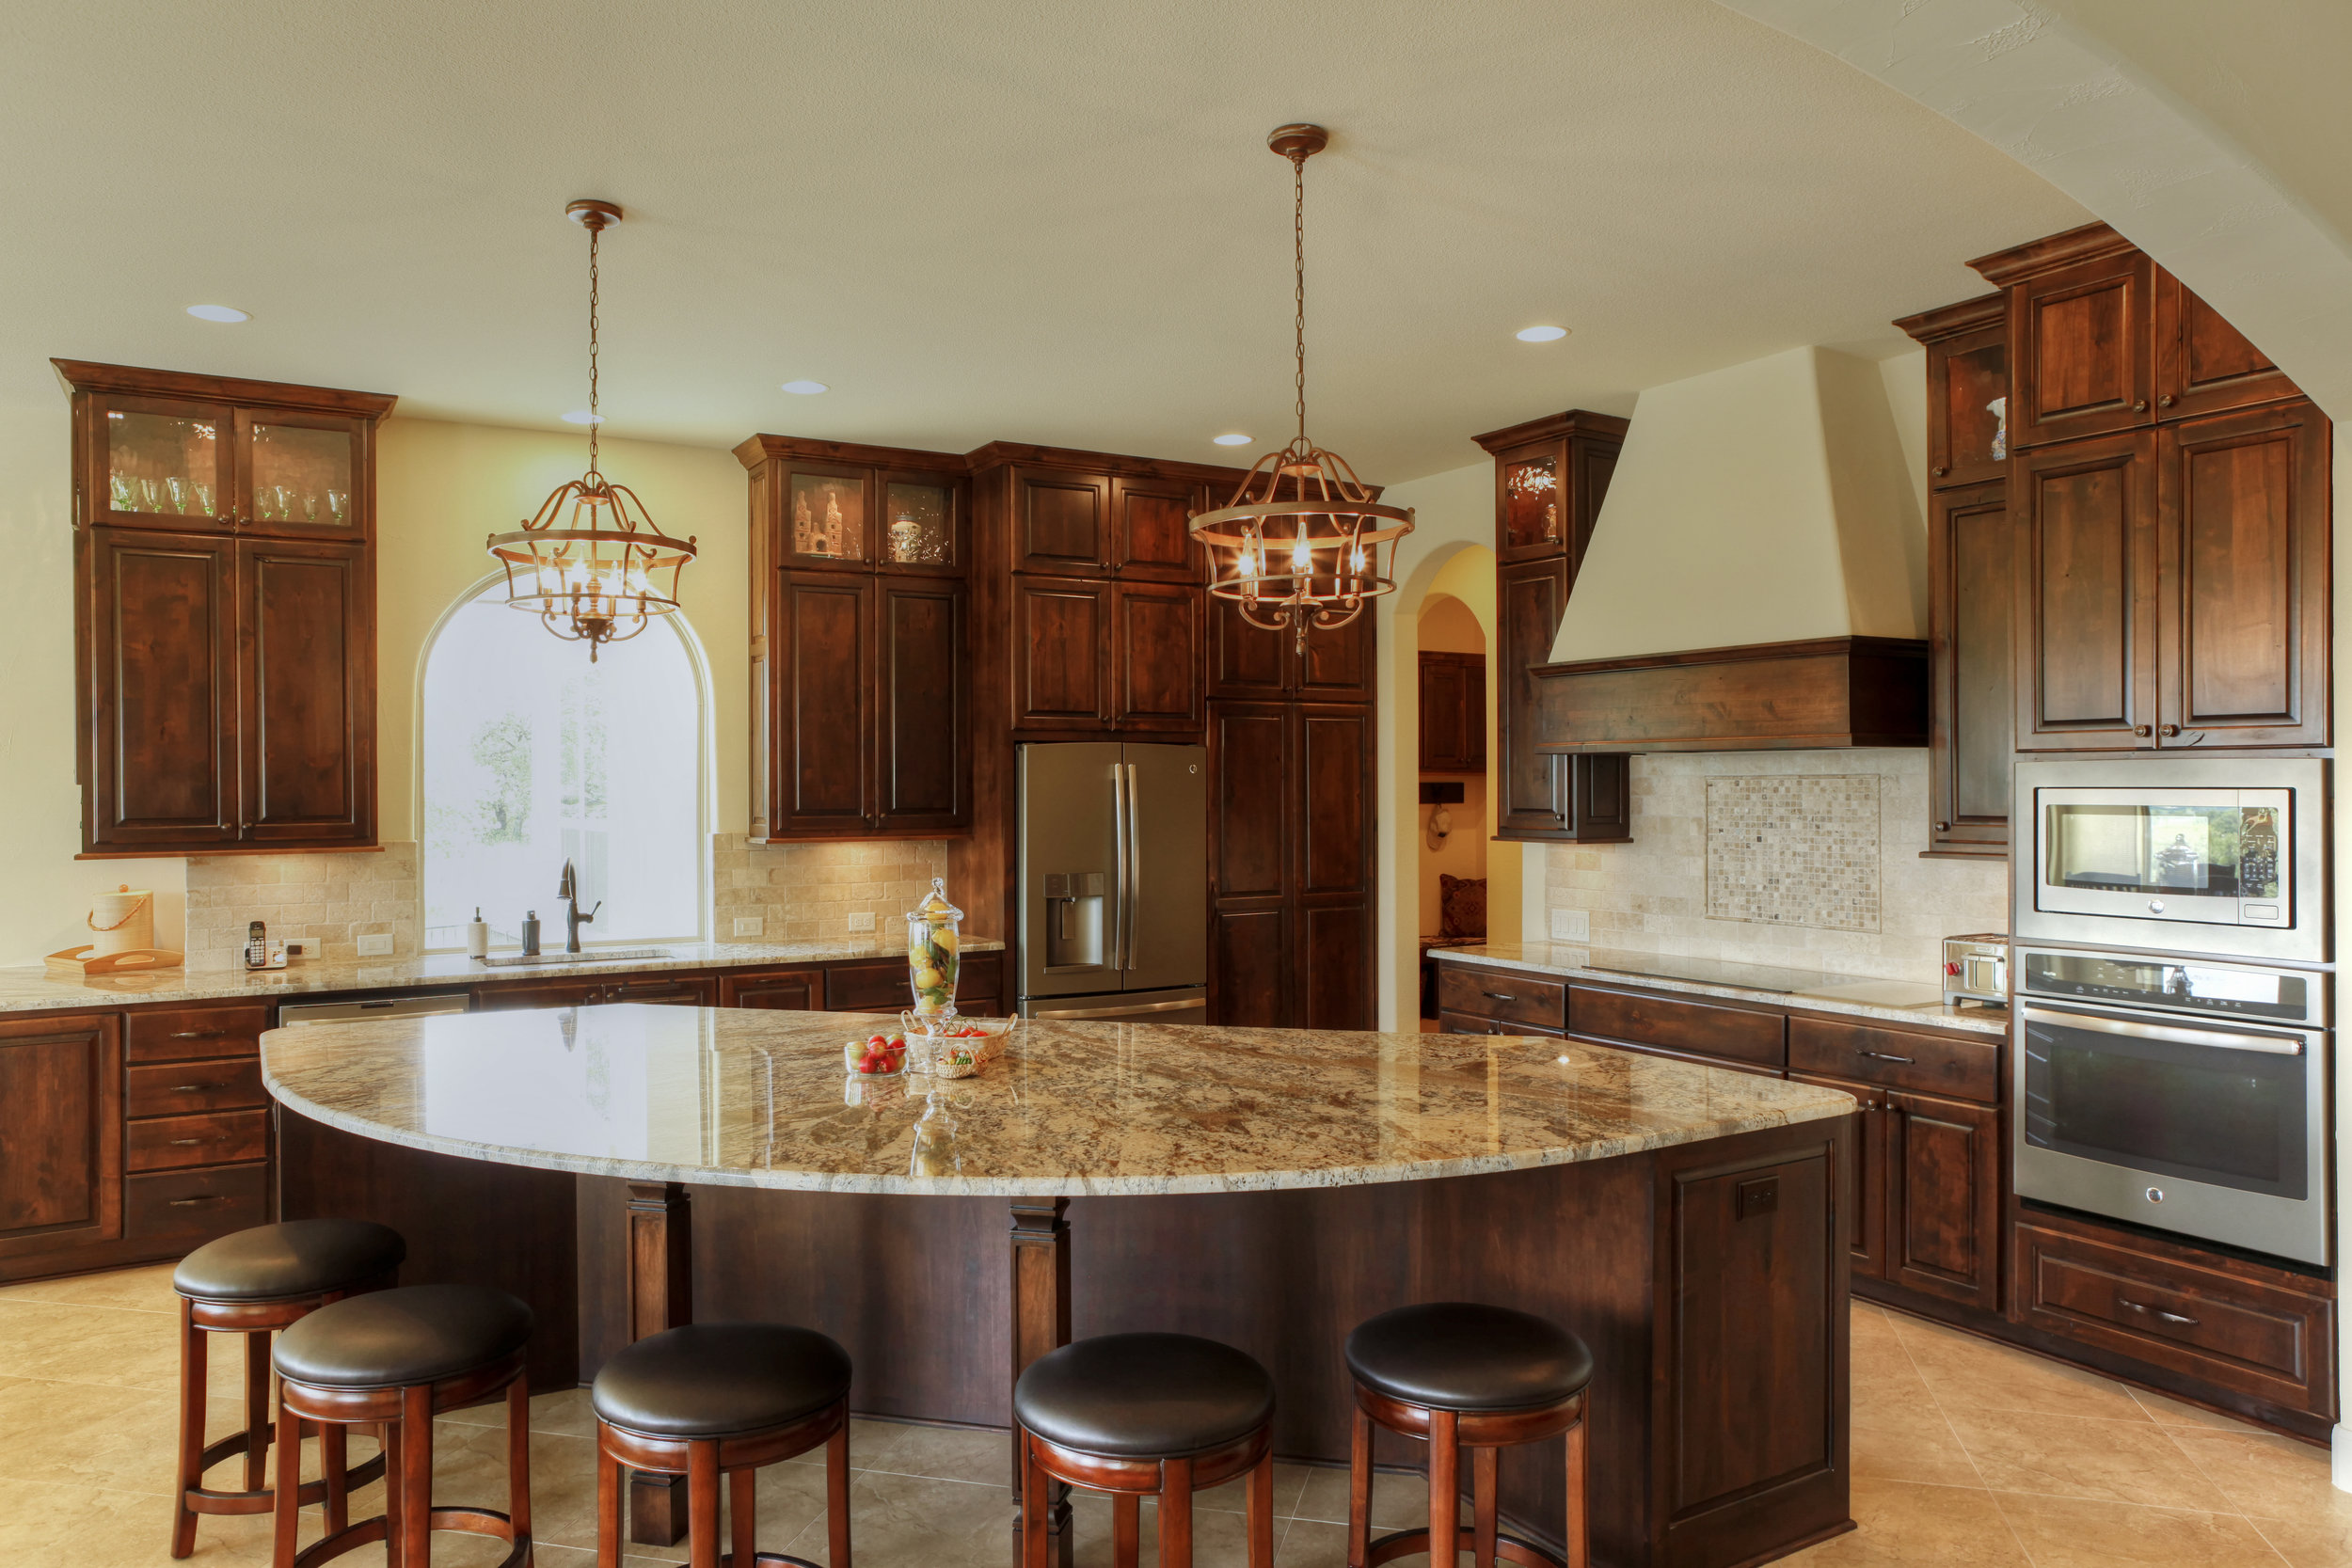 11-kitchen 4.jpg